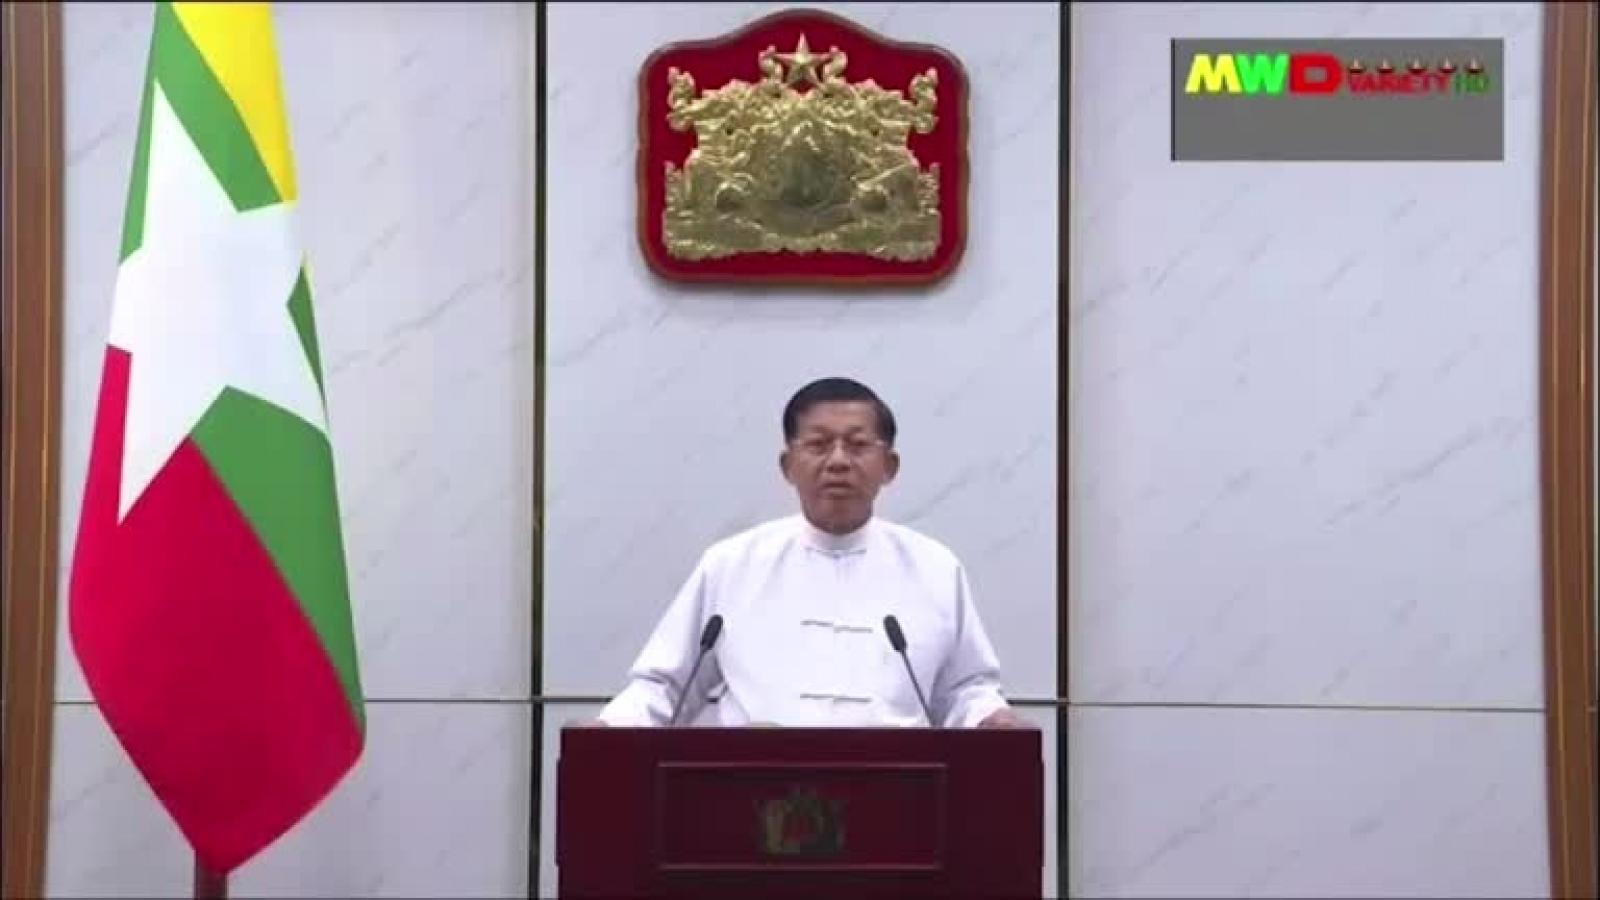 Chính quyền quân sự Myanmar mong muốn ASEAN xem xét lại tình hình